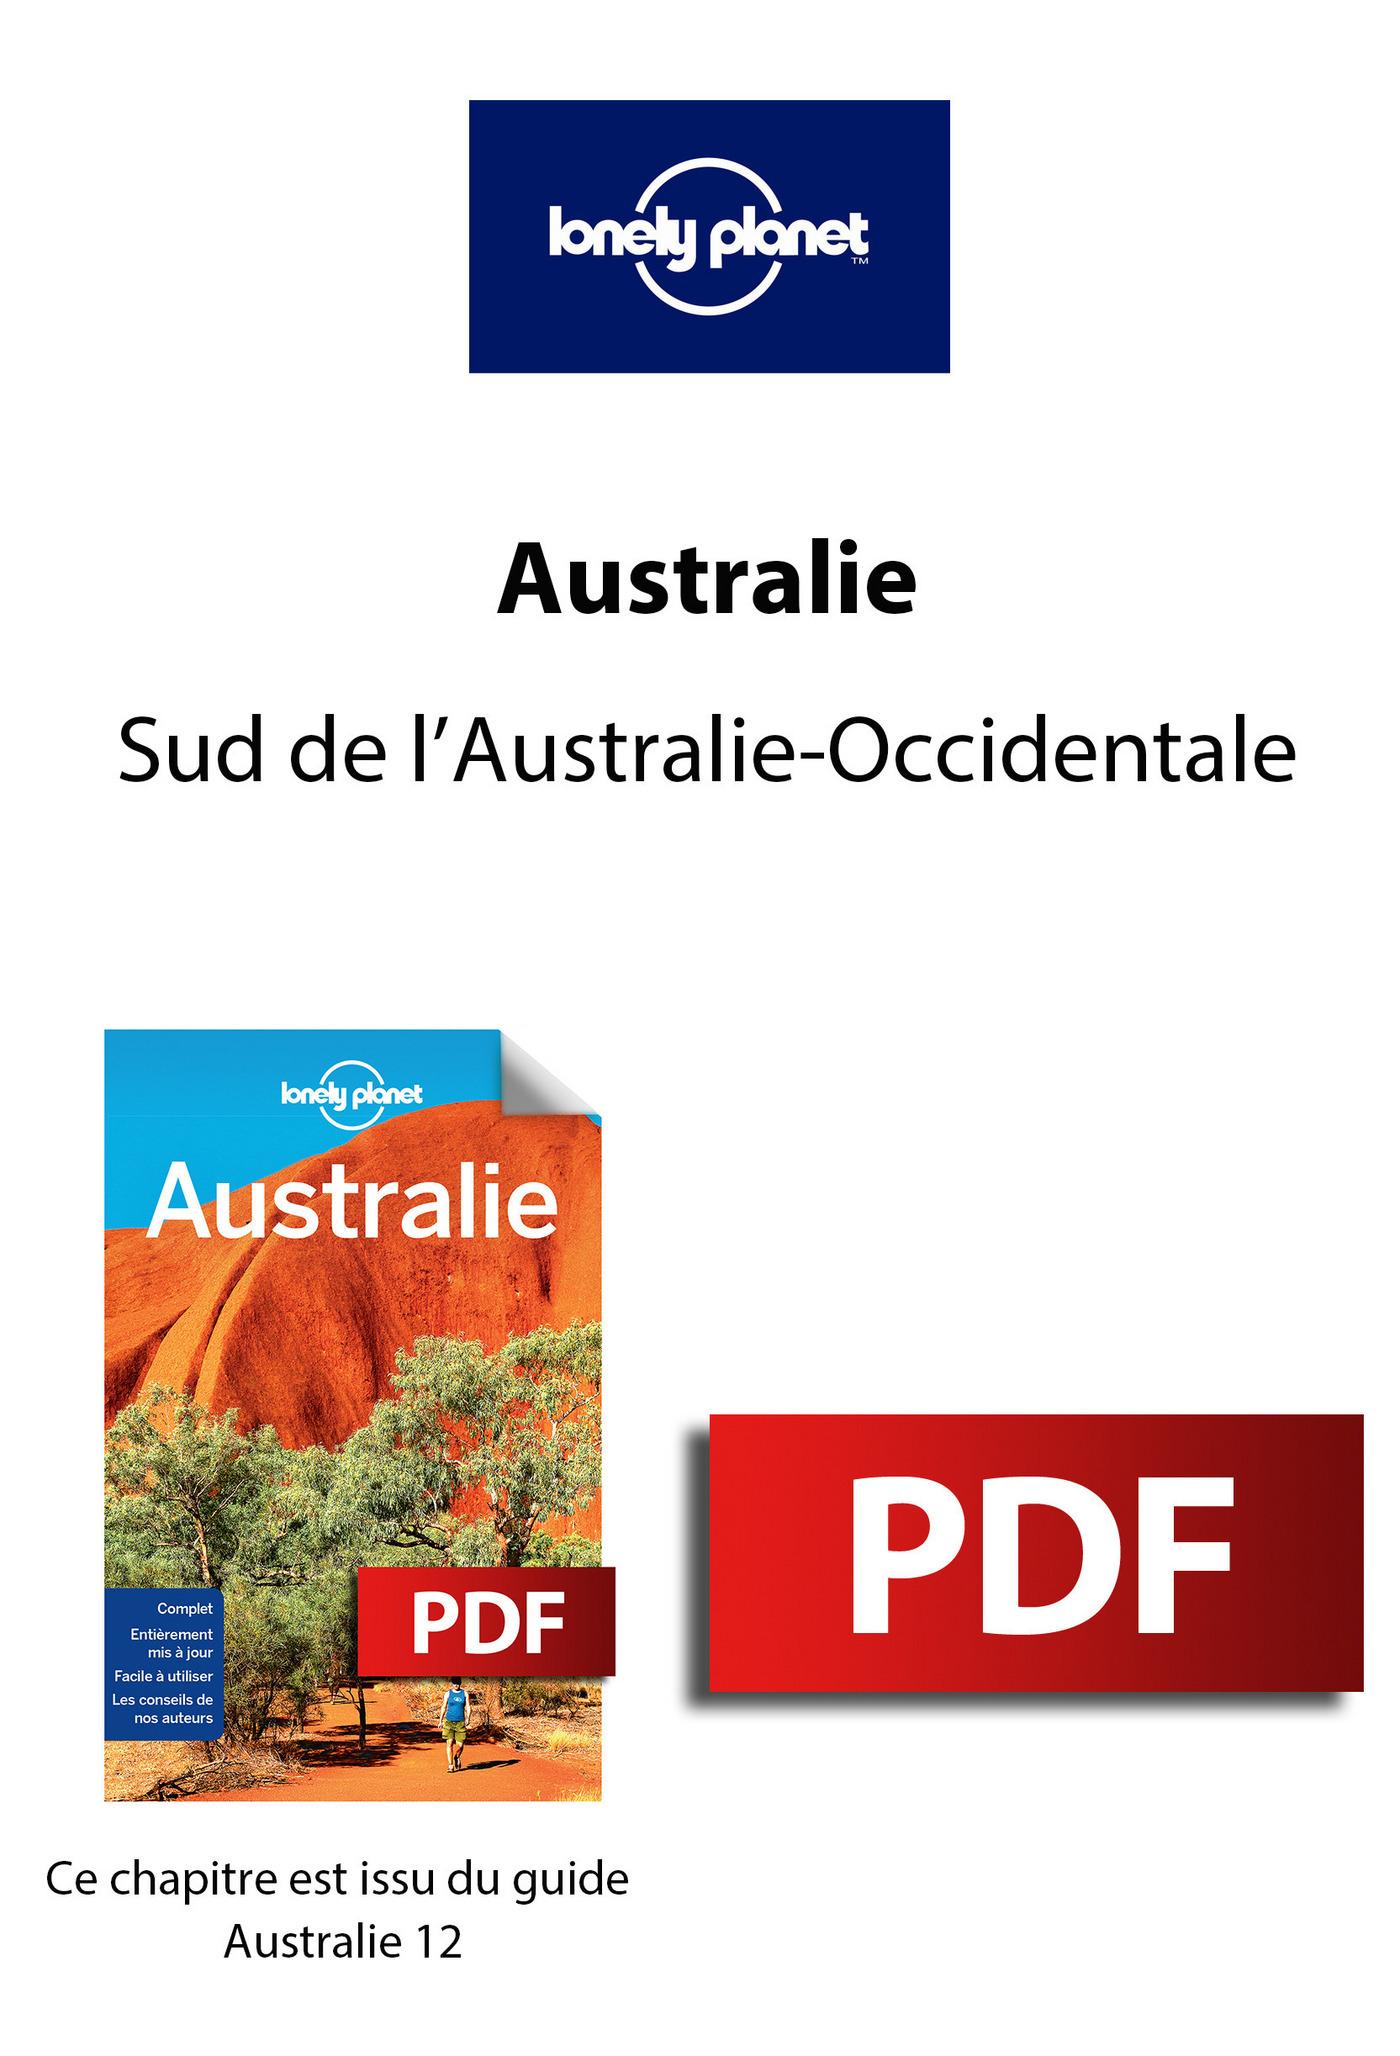 Australie - Sud de l'Australie-Occidentale